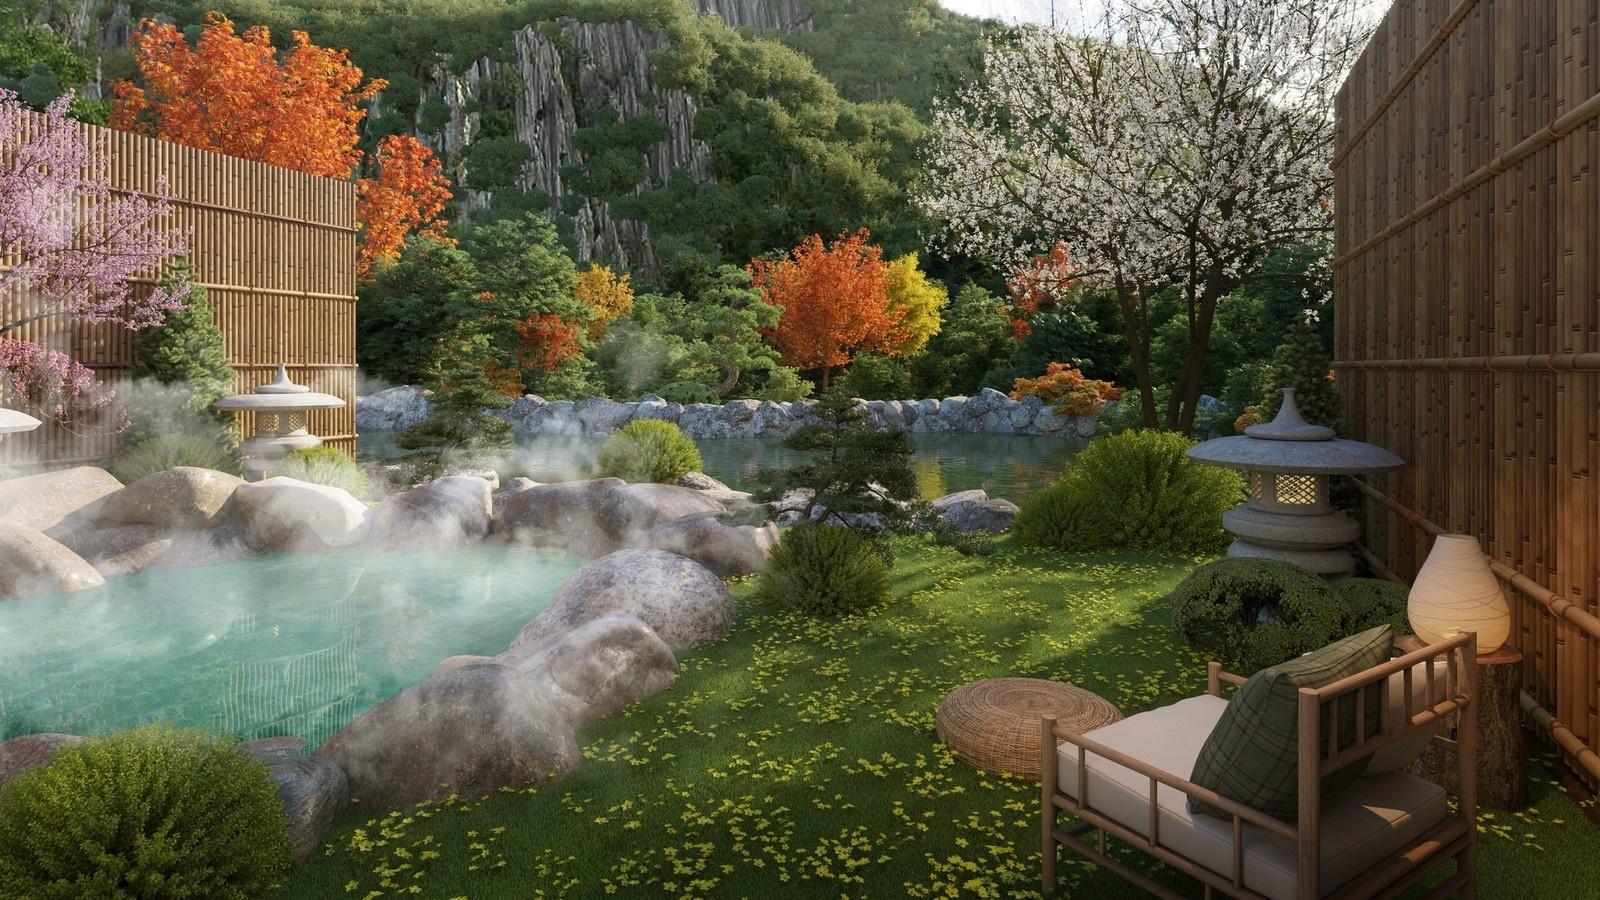 Suối khoáng nóng Quang Hanh - tâm điểm nghỉ dưỡng phía Bắc của giới thượng lưu 11